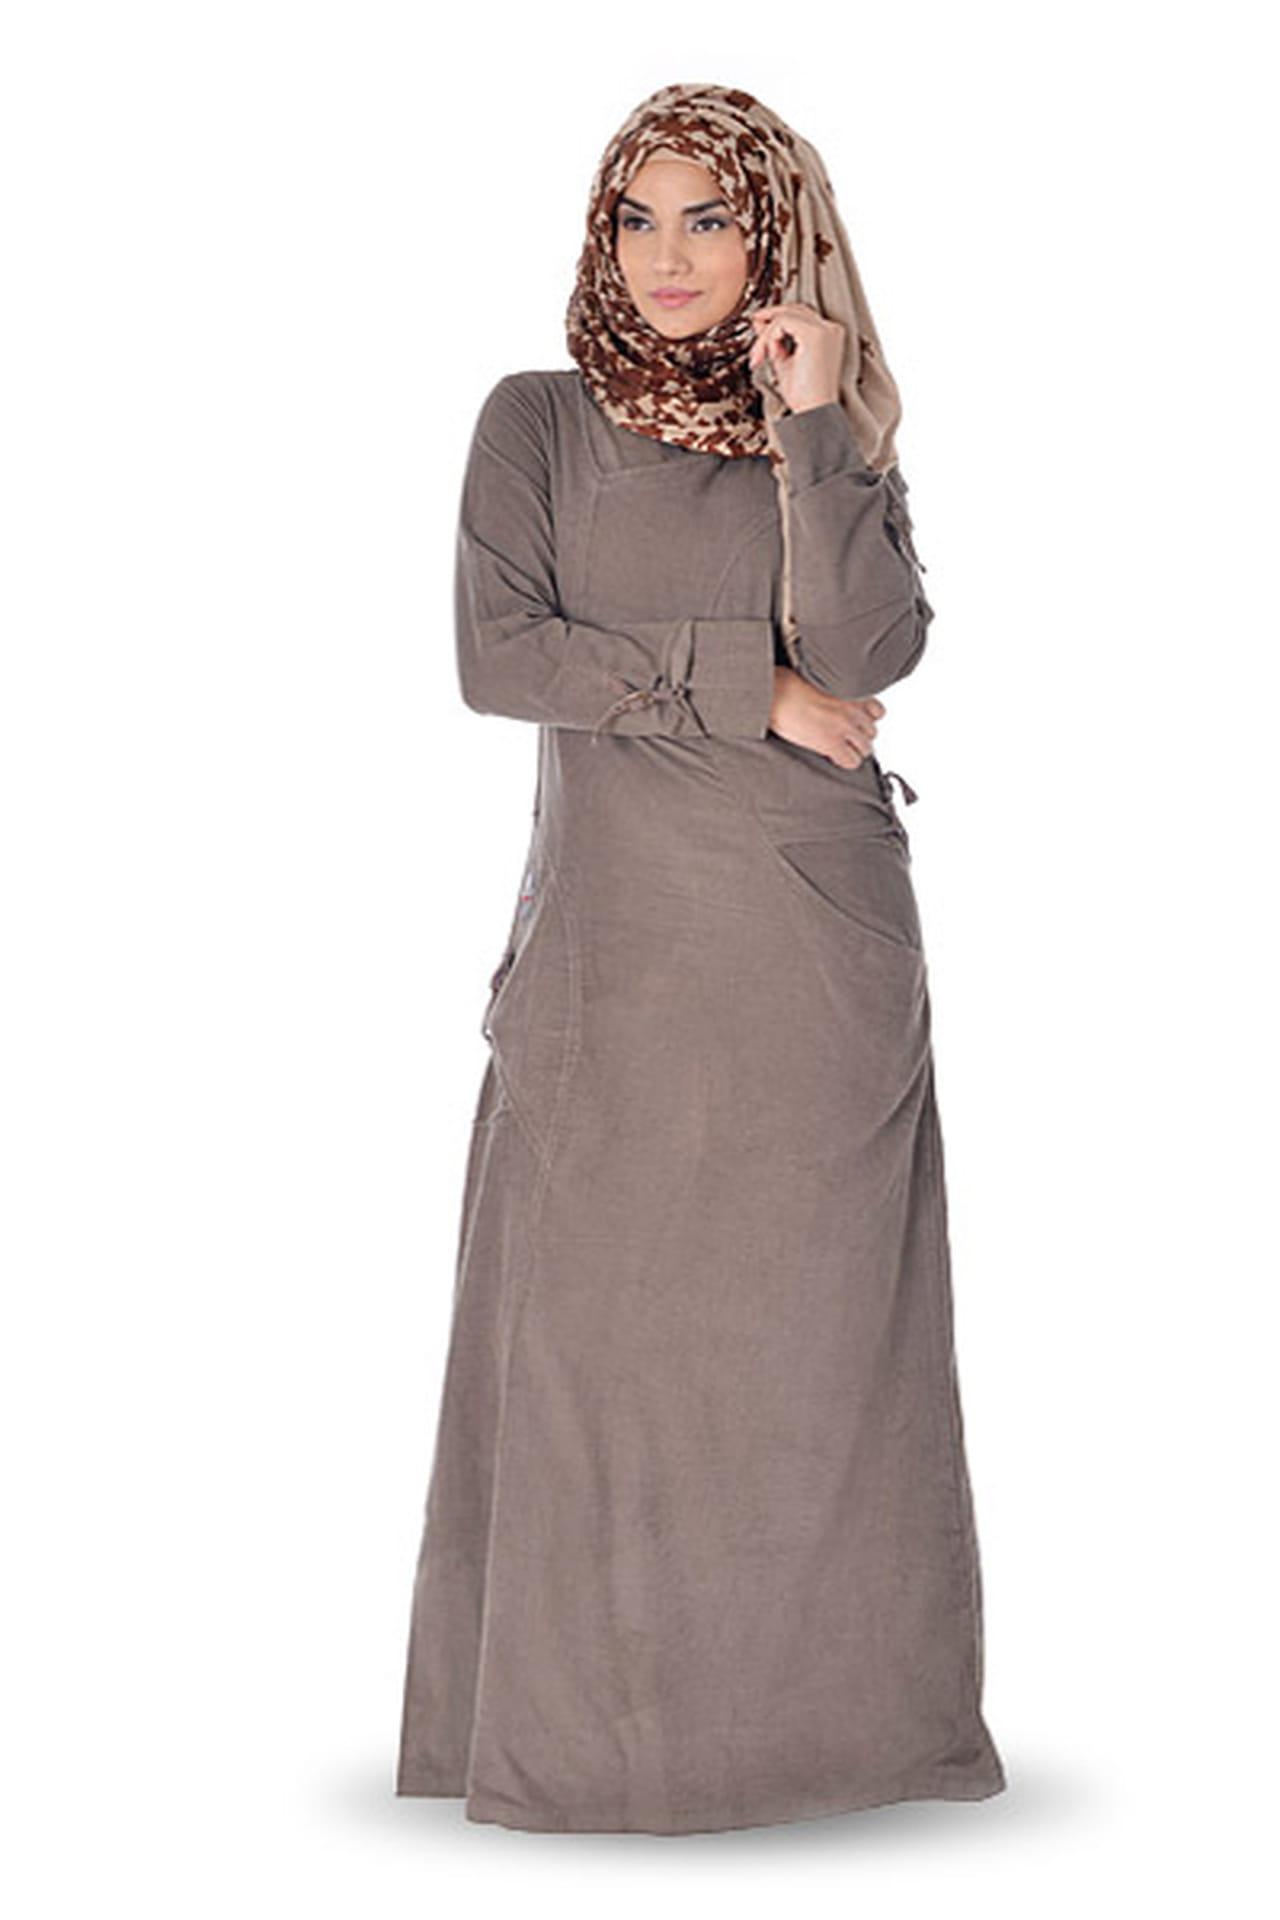 10 اختيارات أنيقة من أزياء Silk Route للمحجبات  814699